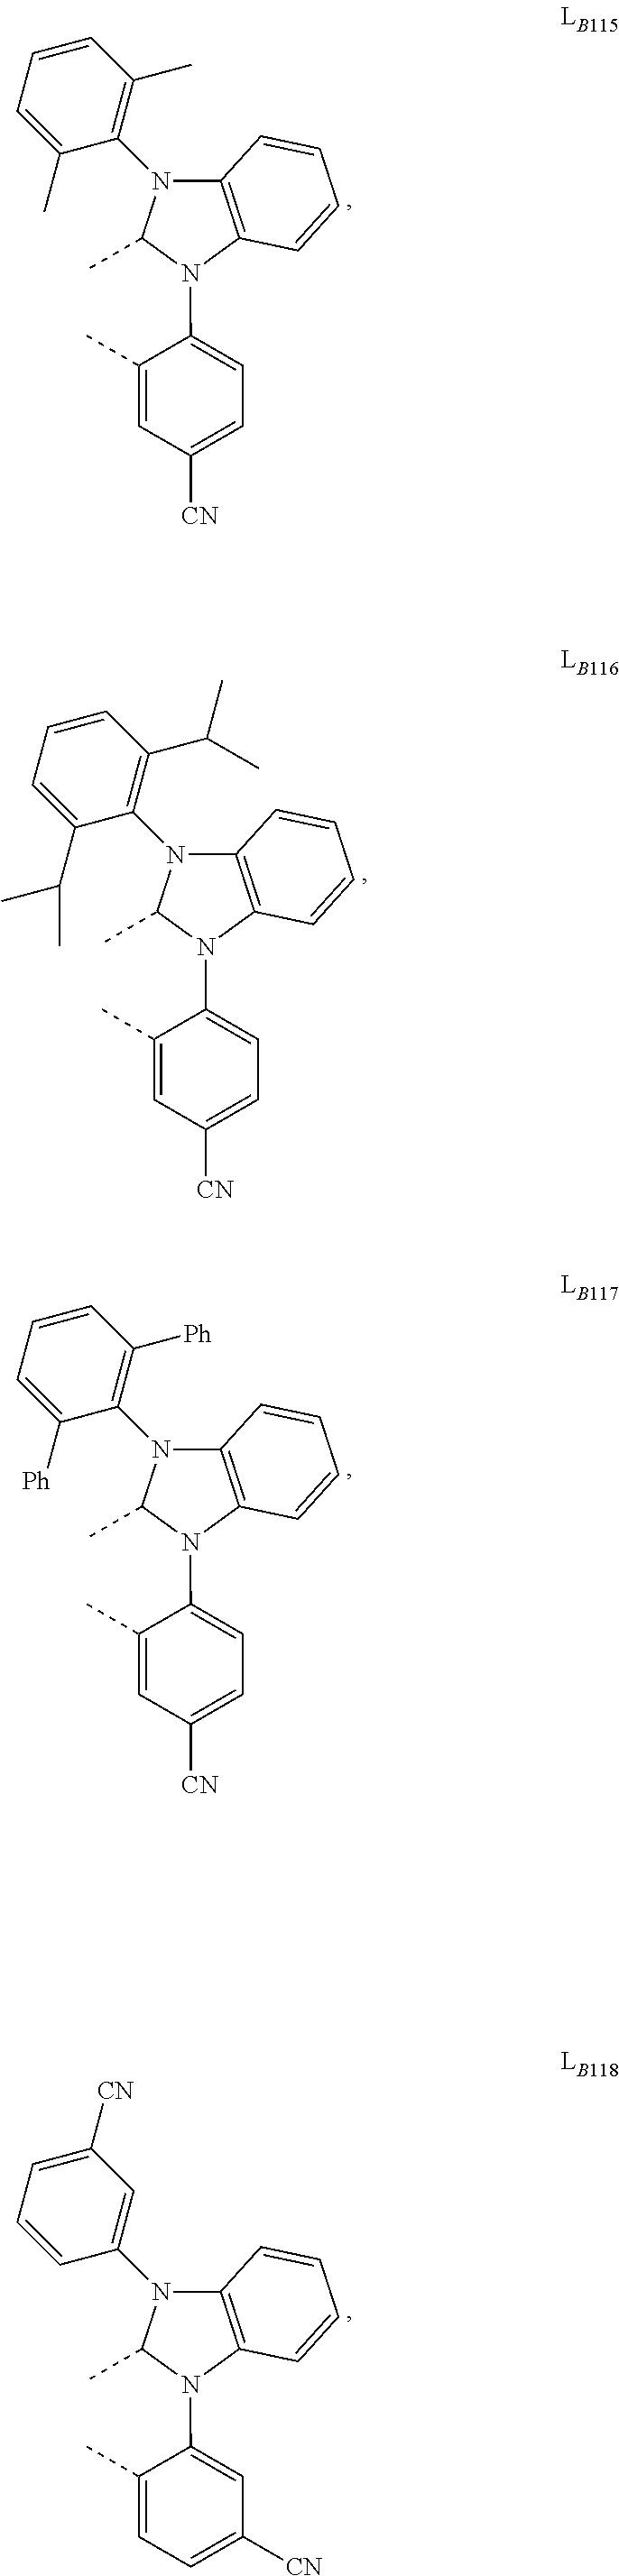 Figure US09905785-20180227-C00129